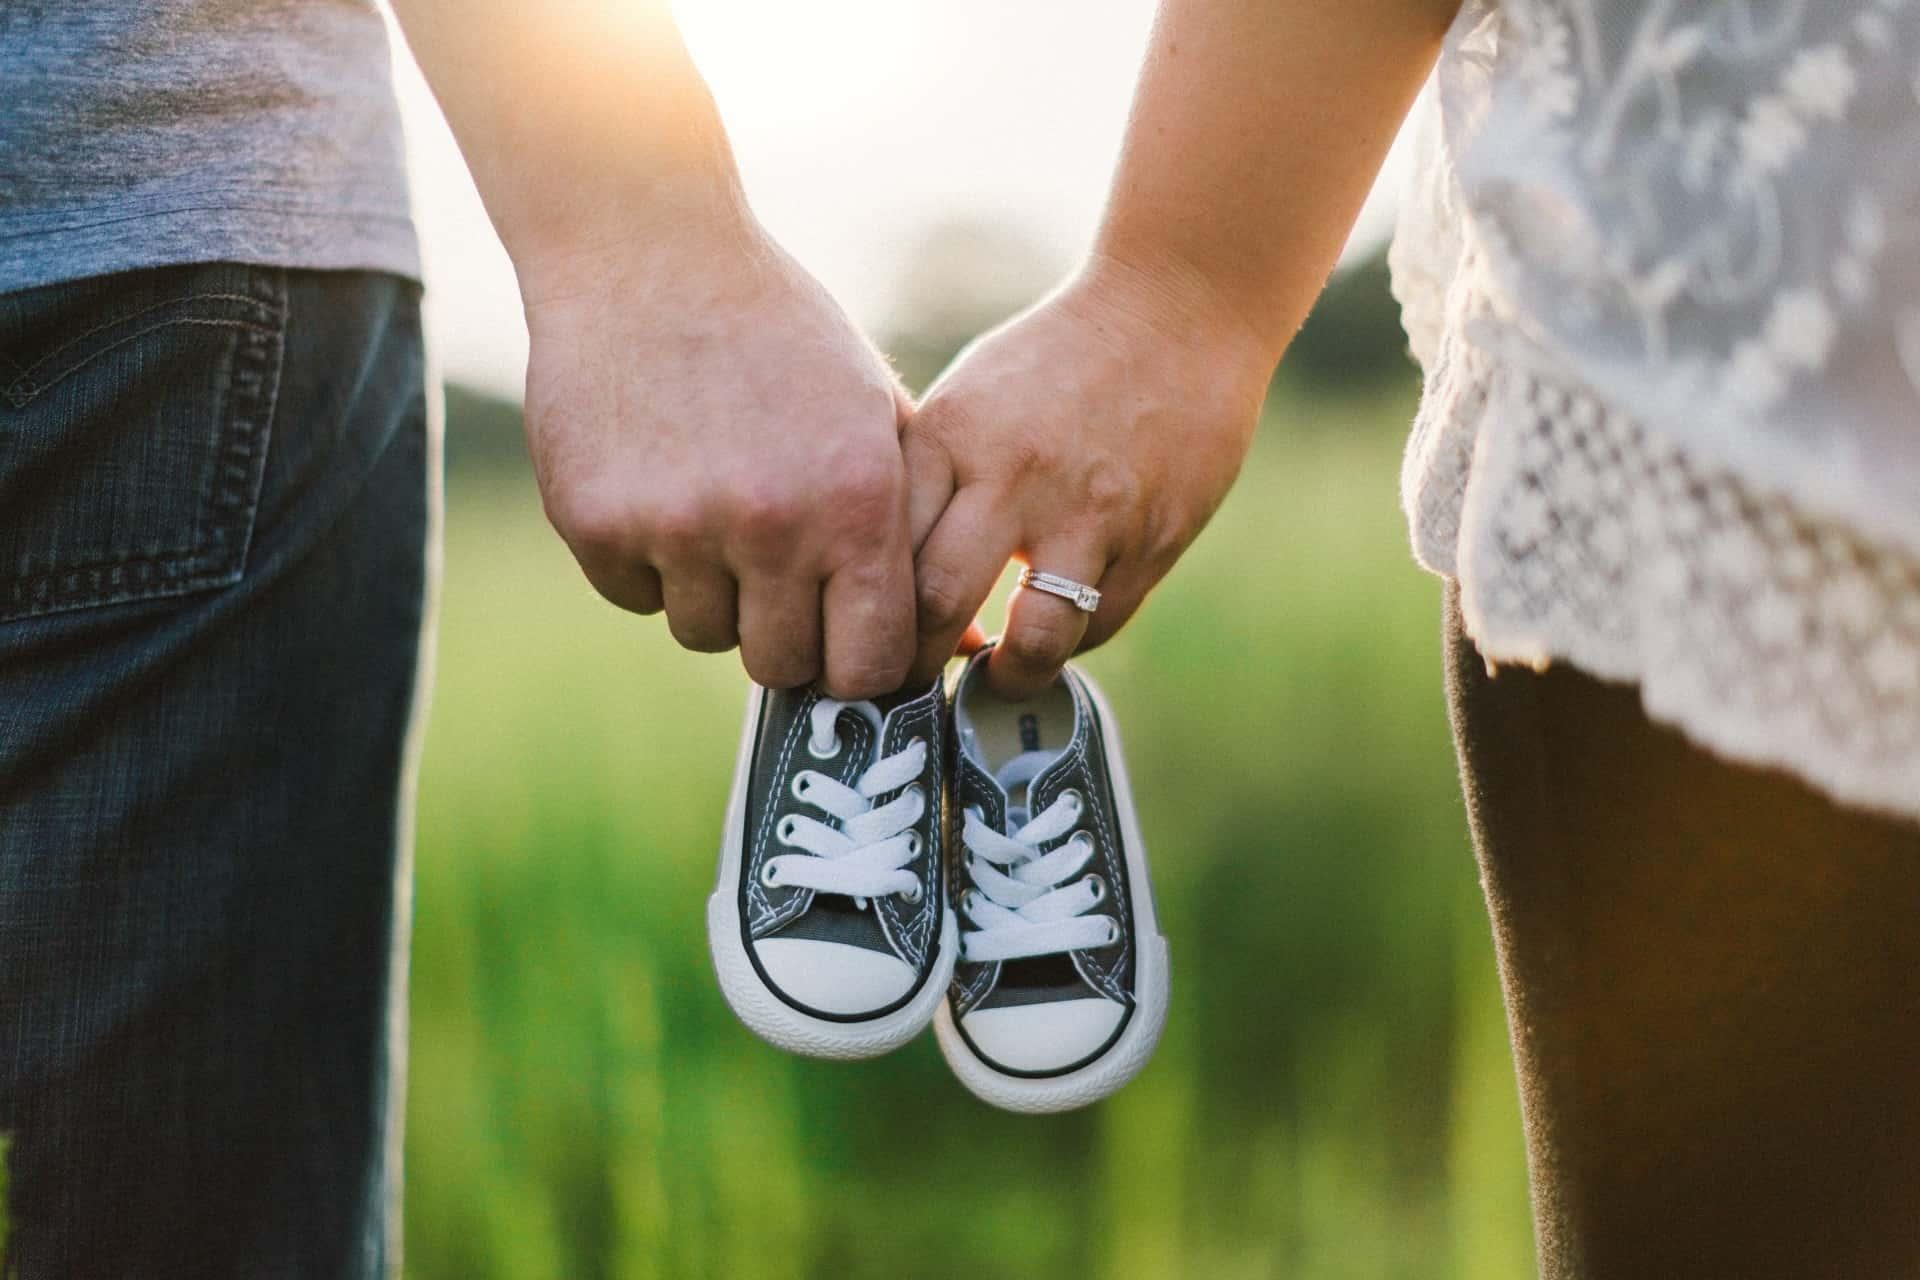 Конституционный суд признал незаконным отказ в усыновлении